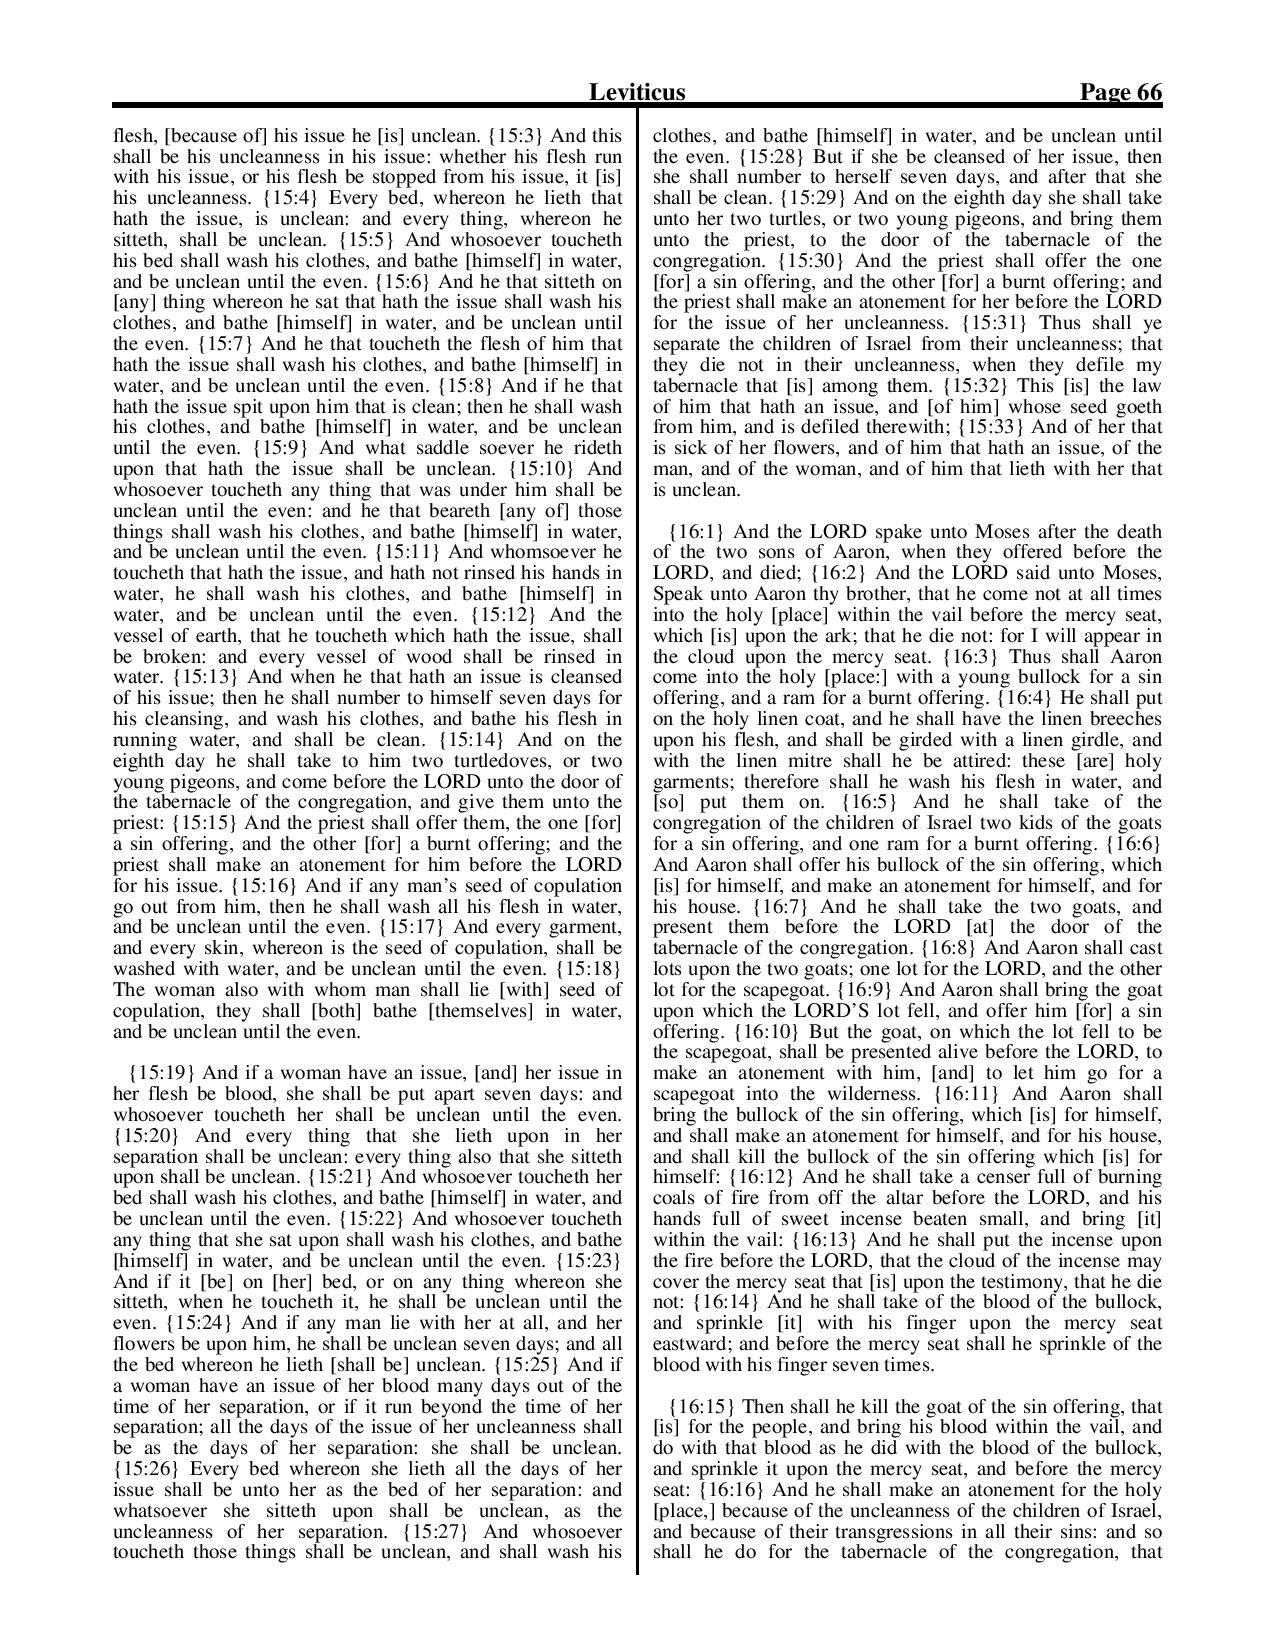 King-James-Bible-KJV-Bible-PDF-page-087